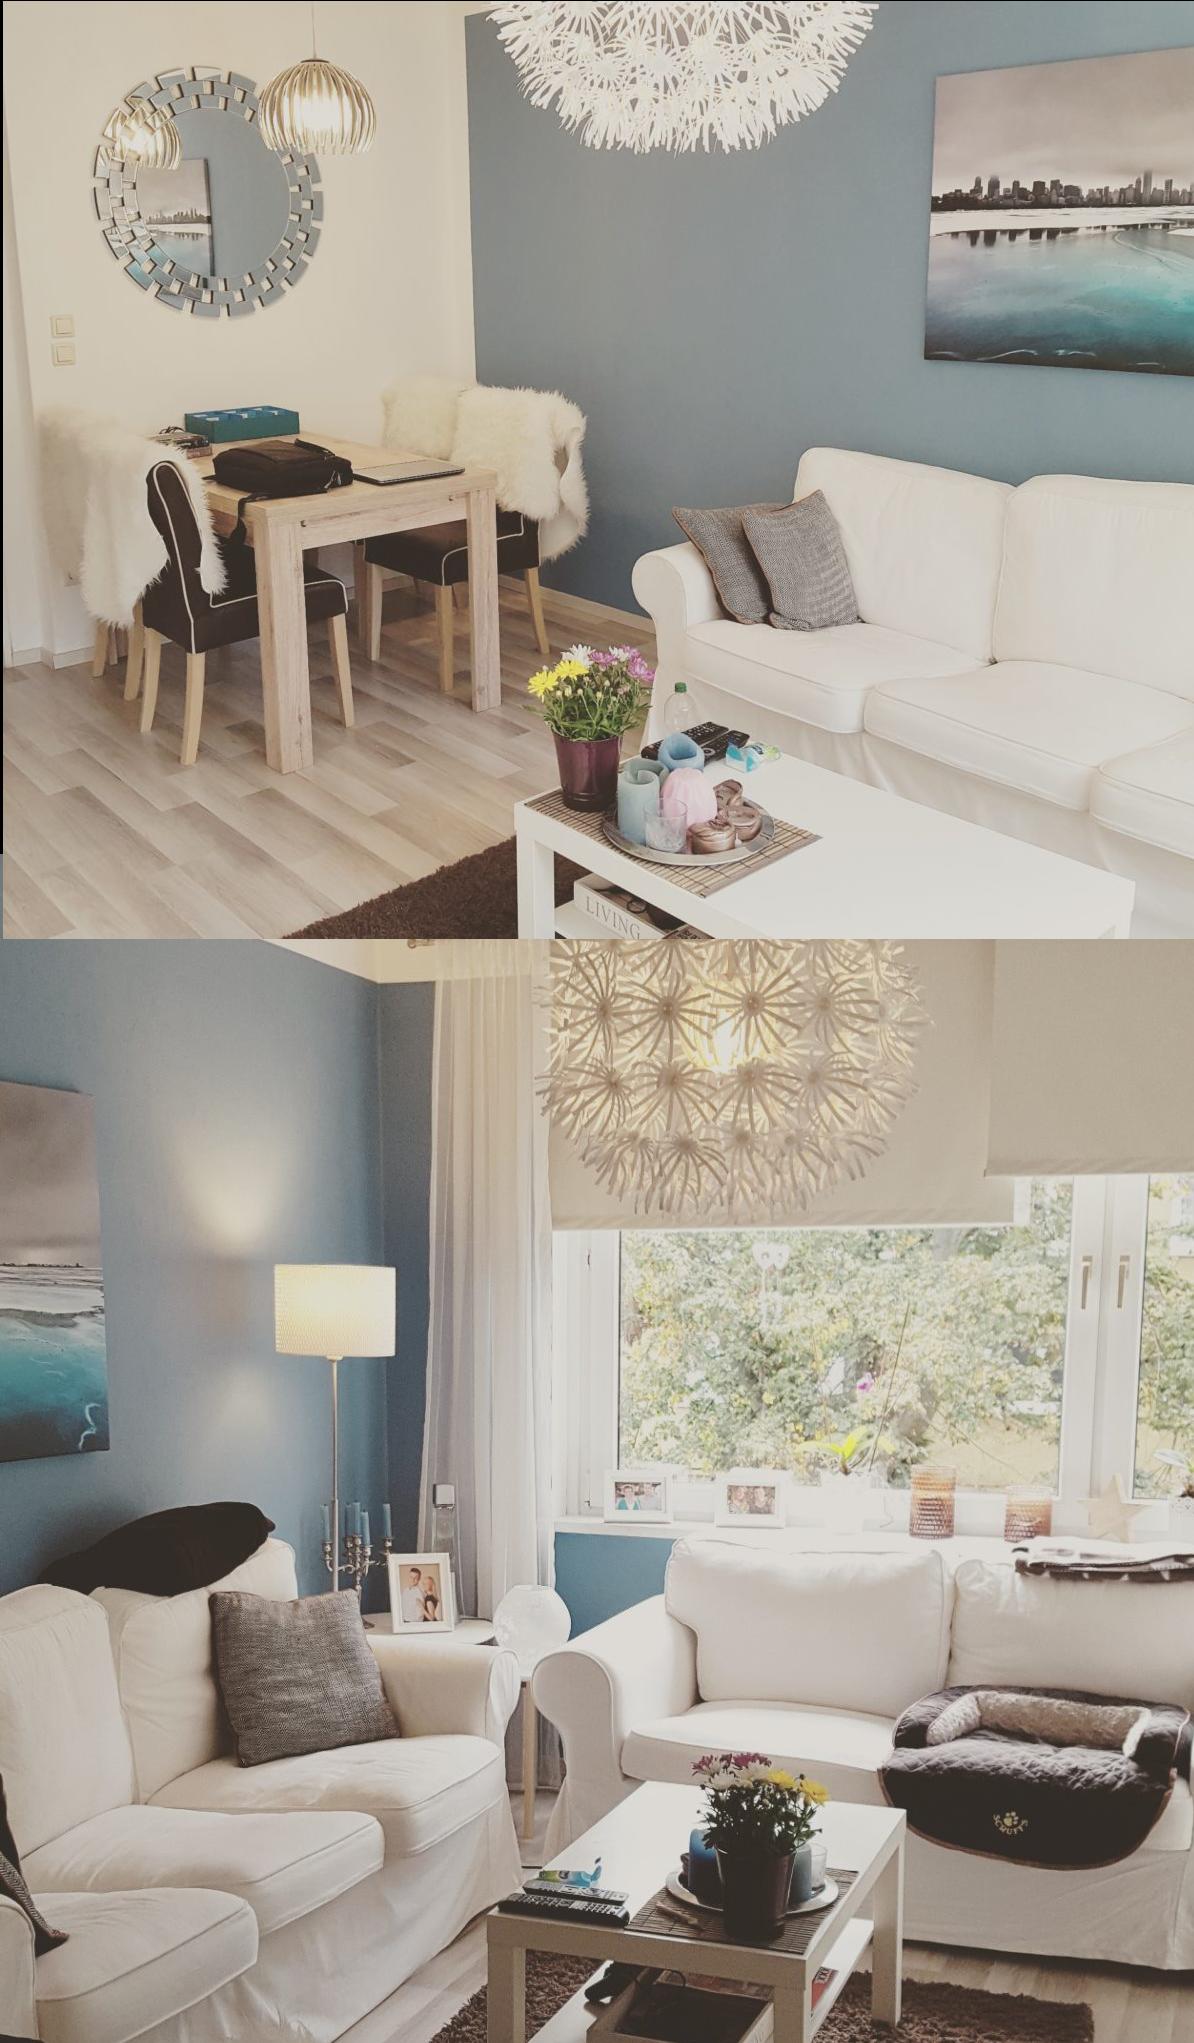 Wohnzimmer spiegelmöbel interior  wohnen karibik blaues wohnzimmer mit ikea möbeln ektorp